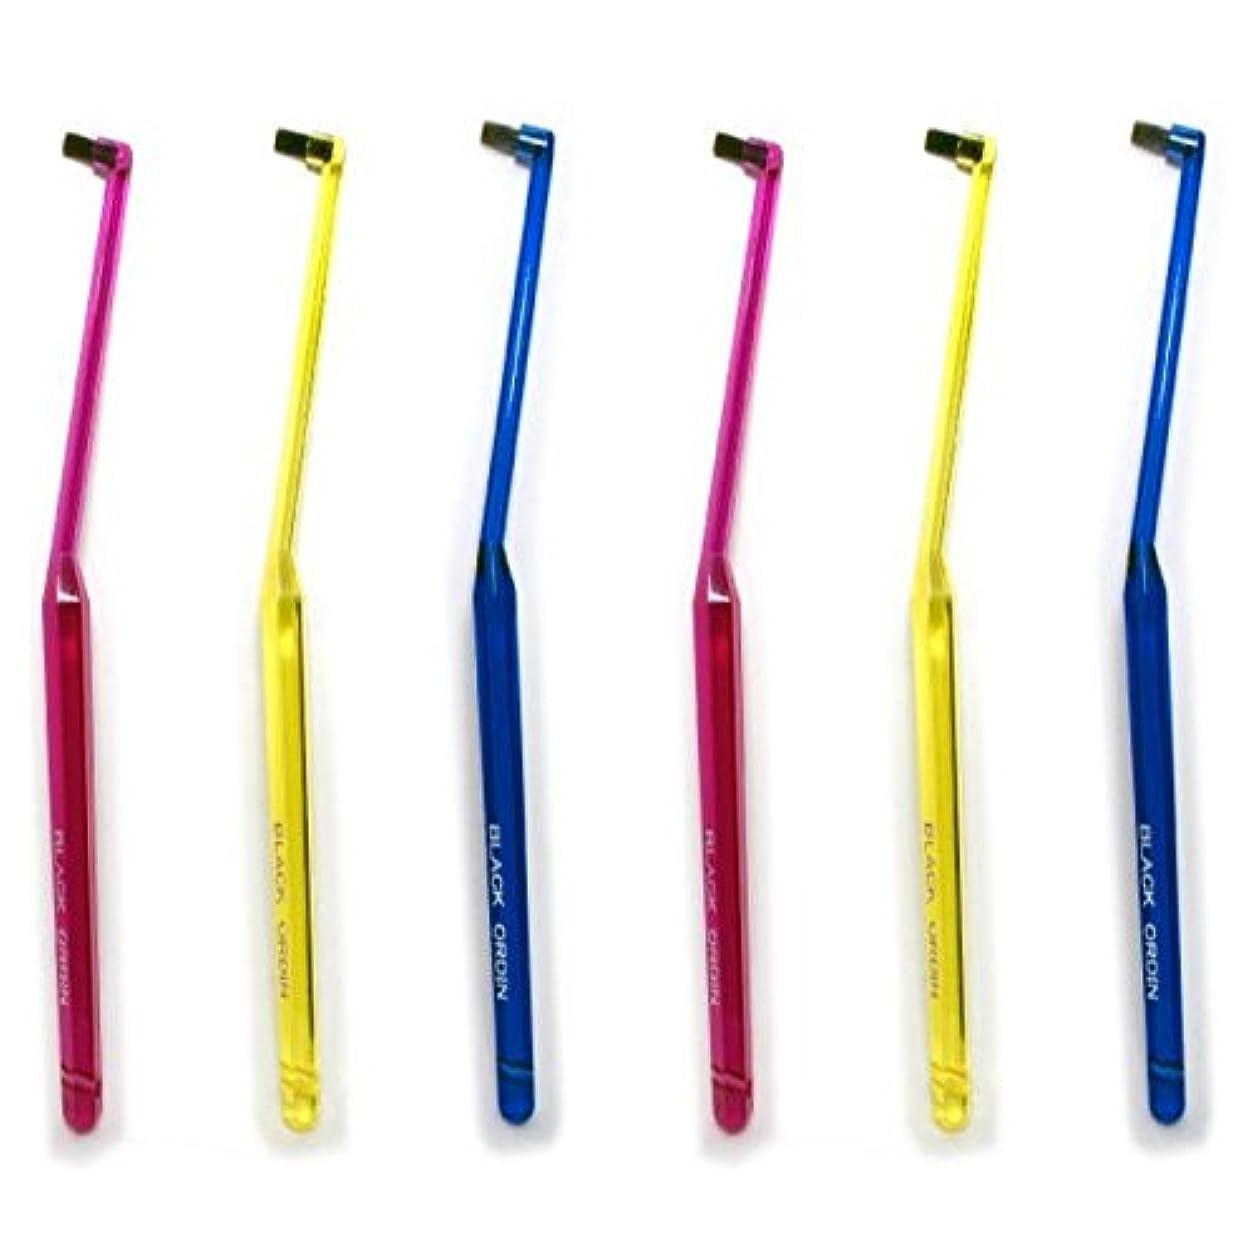 移行する熱帯の抱擁ワンタフトブラシ ブラックオーディン ワンタフト×6本セット 部分用歯ブラシ 歯磨き 歯ブラシ